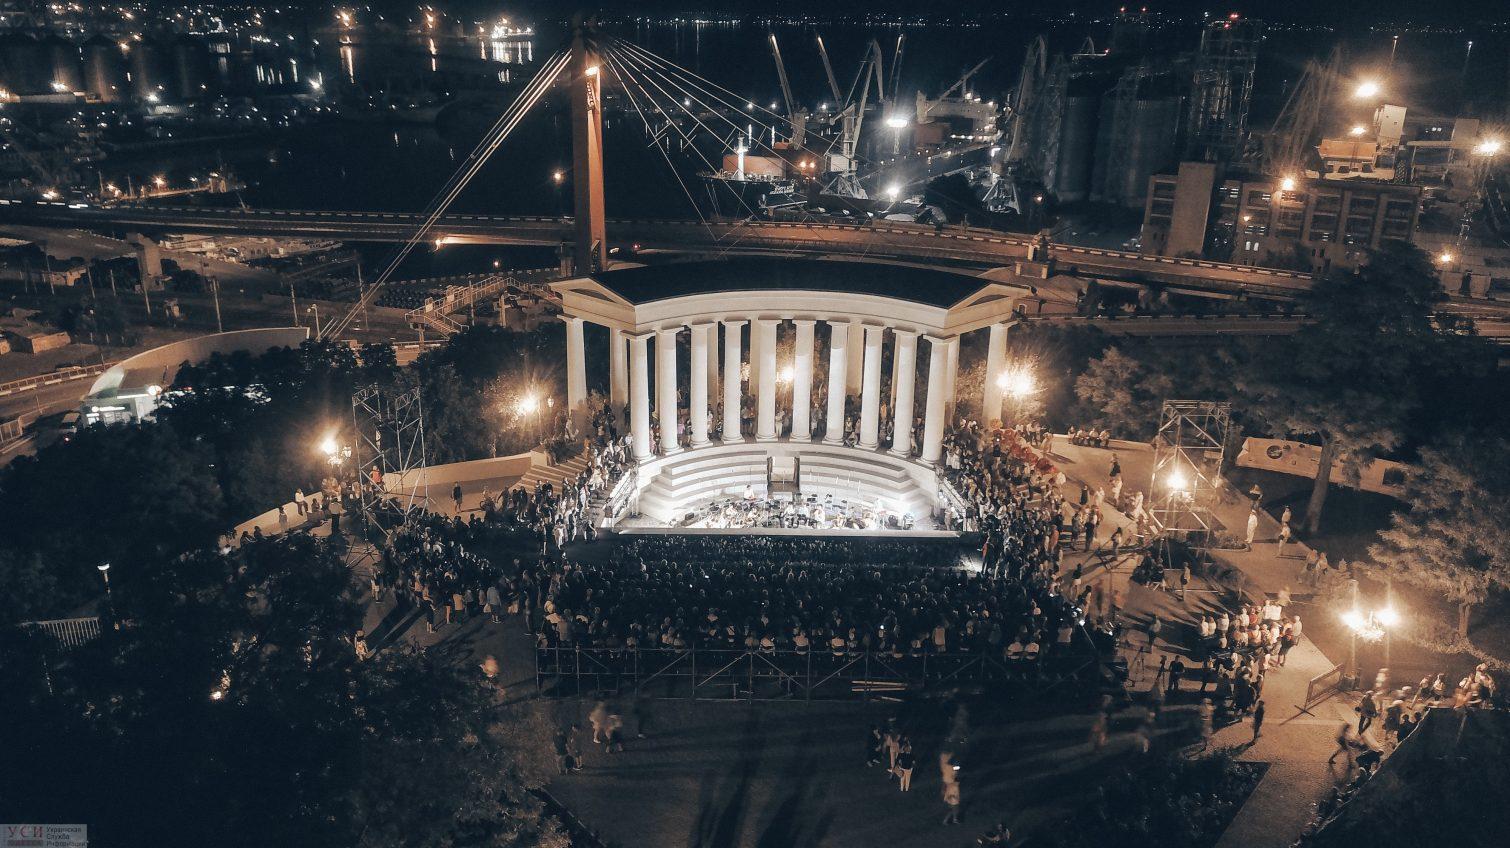 После трехлетнего ремонта в Одессе торжественно открыли колоннаду Воронцовского дворца (фото) «фото»